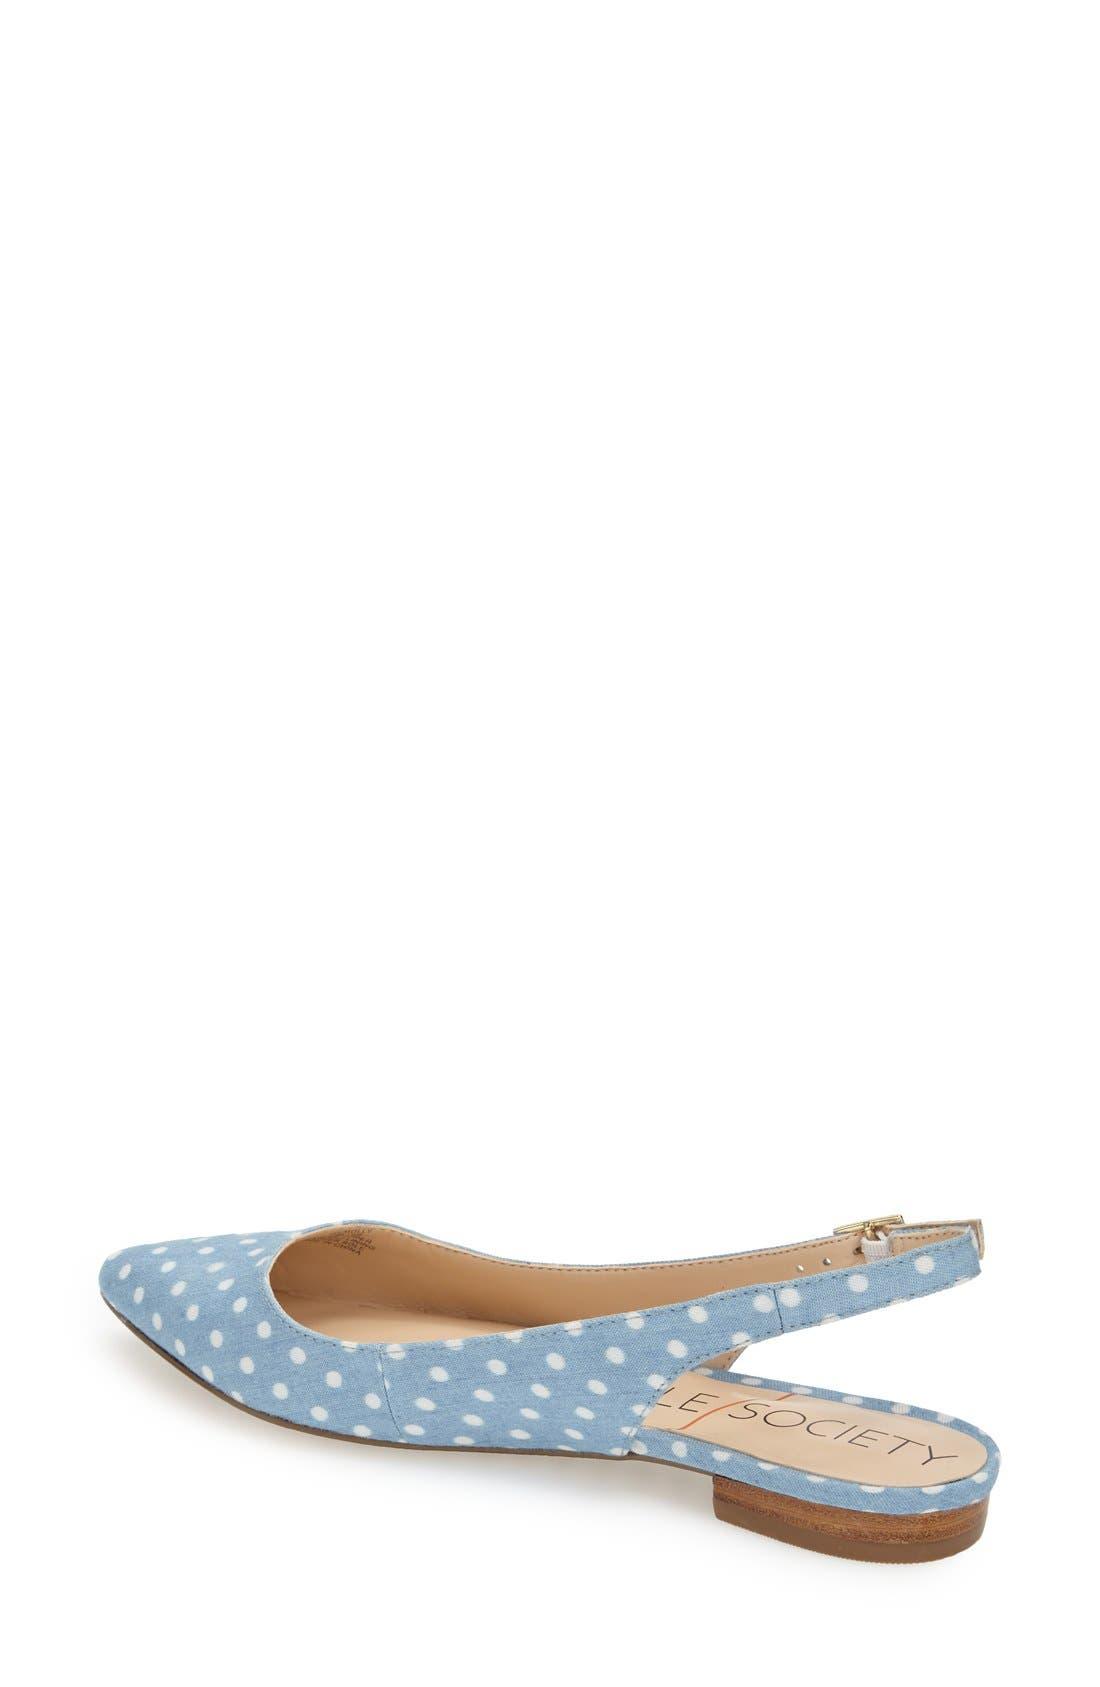 Alternate Image 2  - Sole Society 'Molly' Pointy Toe Slingback Flat (Women)